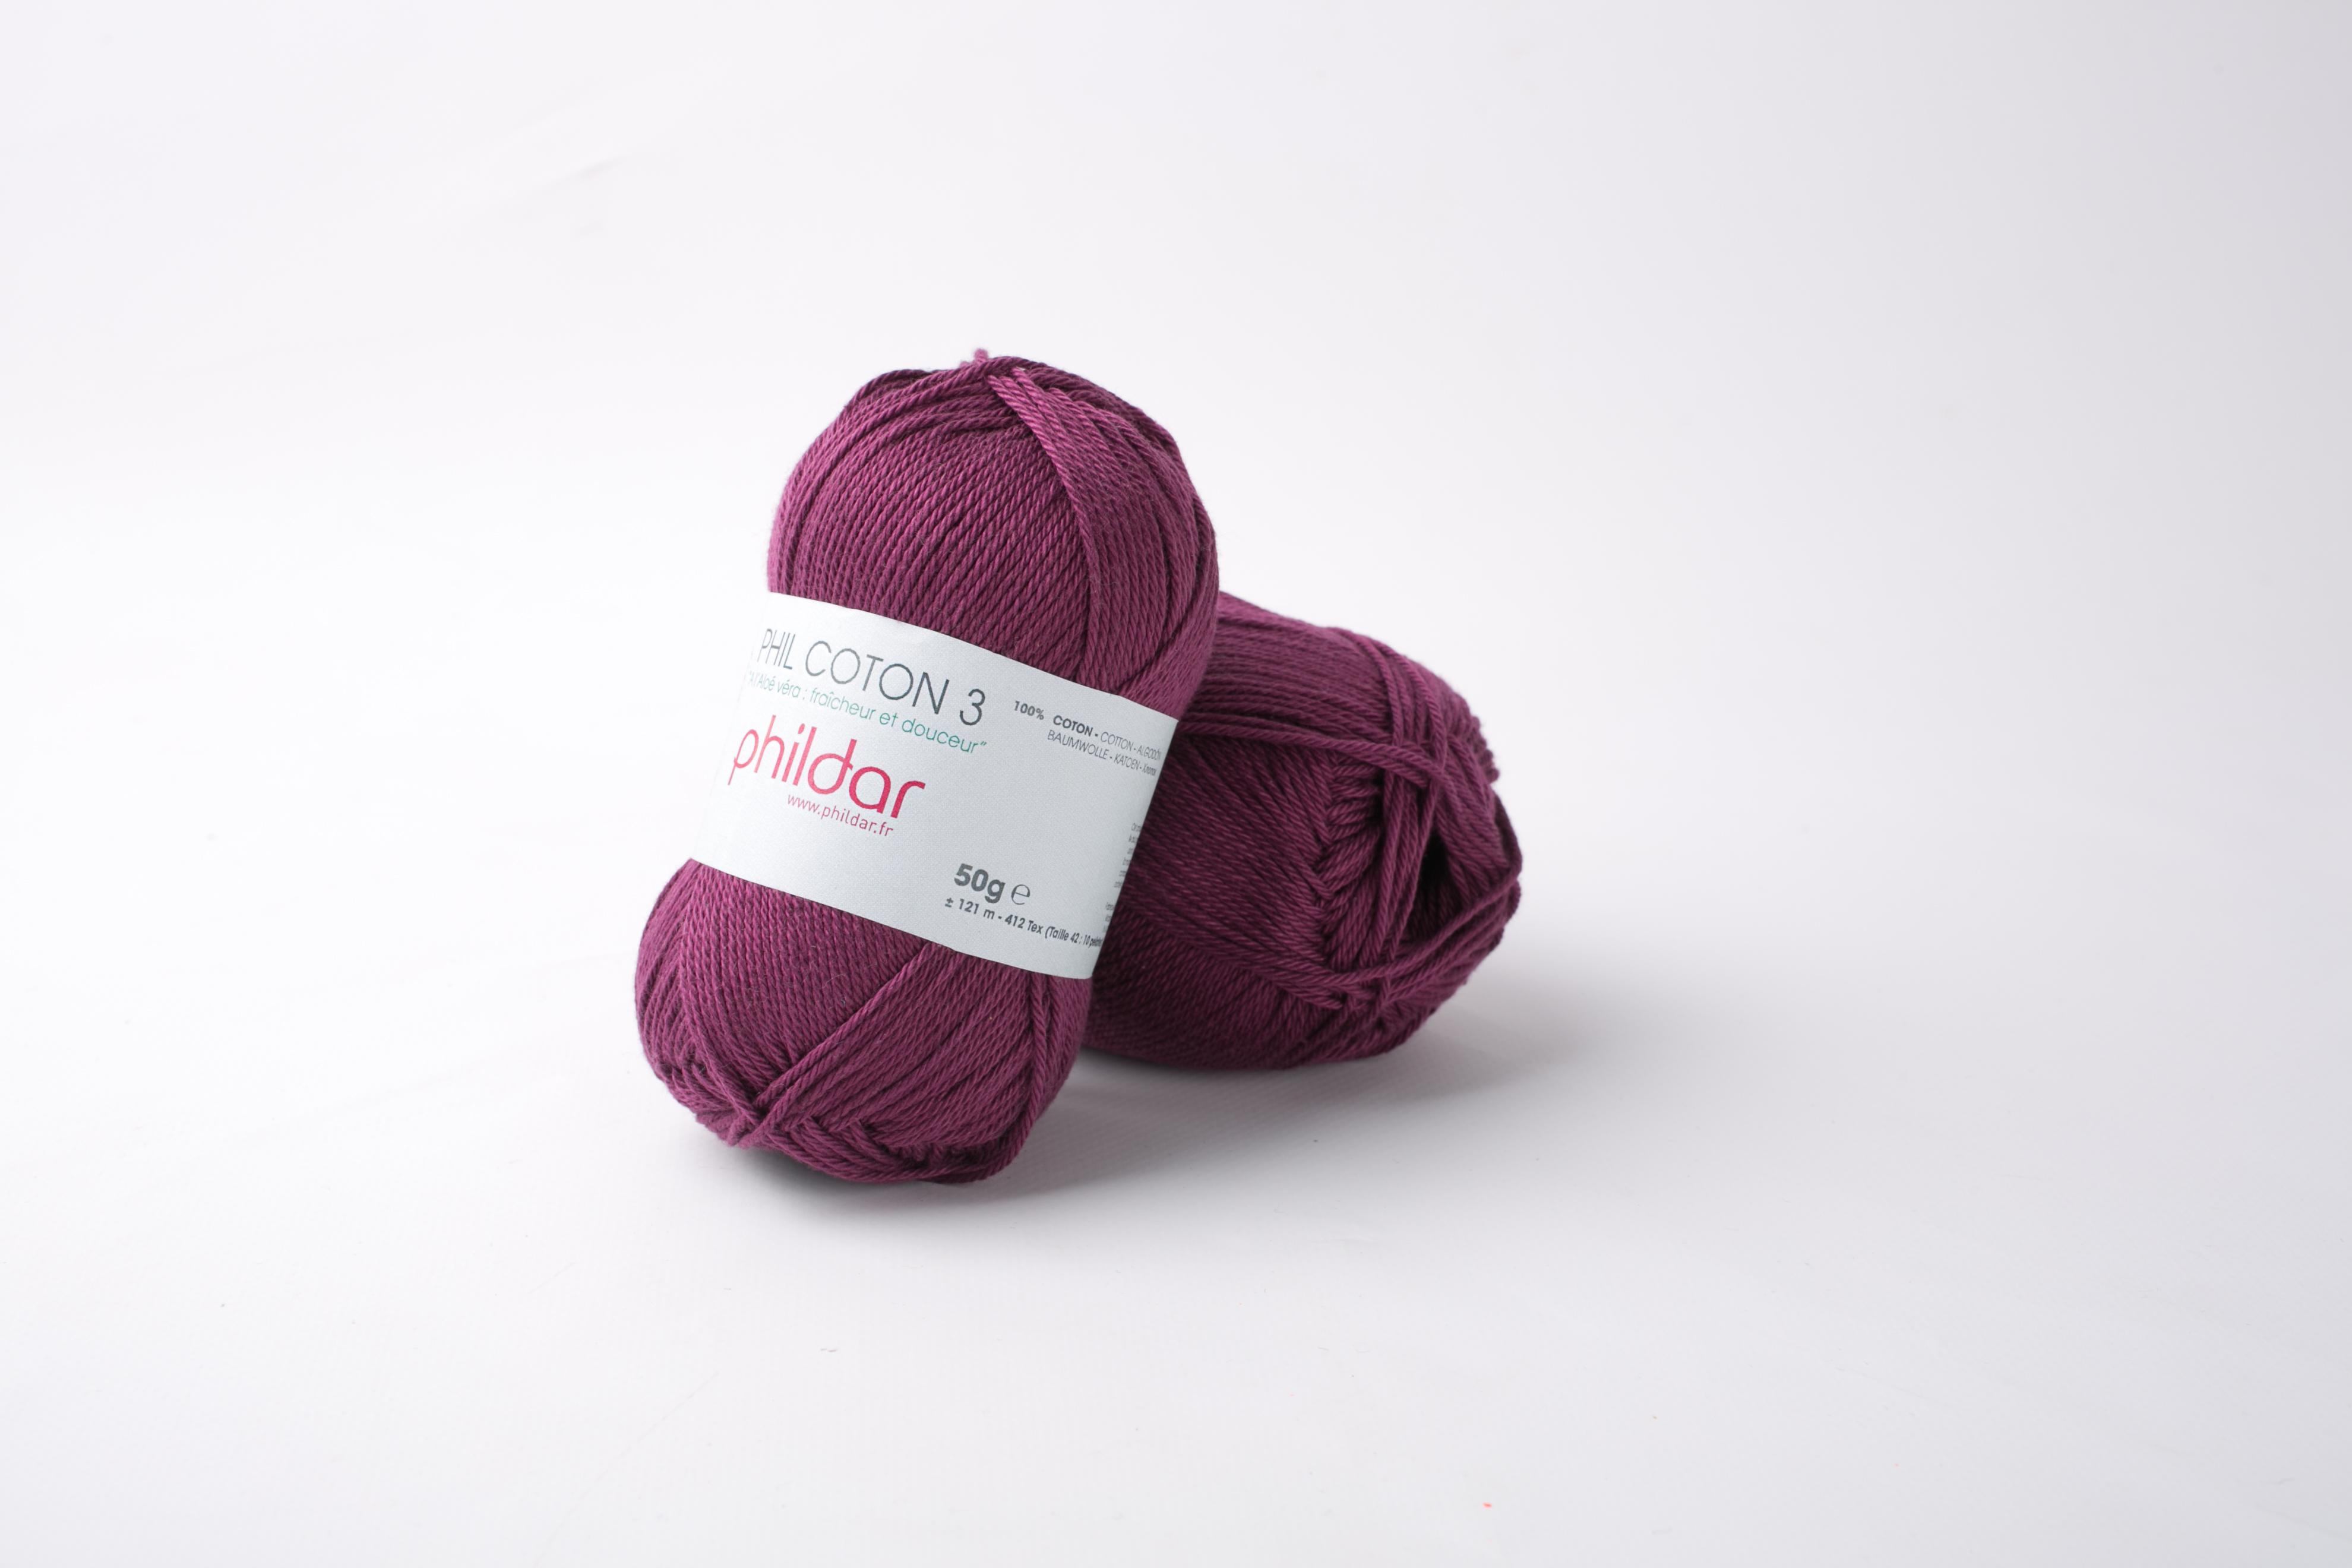 Phildar coton 3 1420 prune